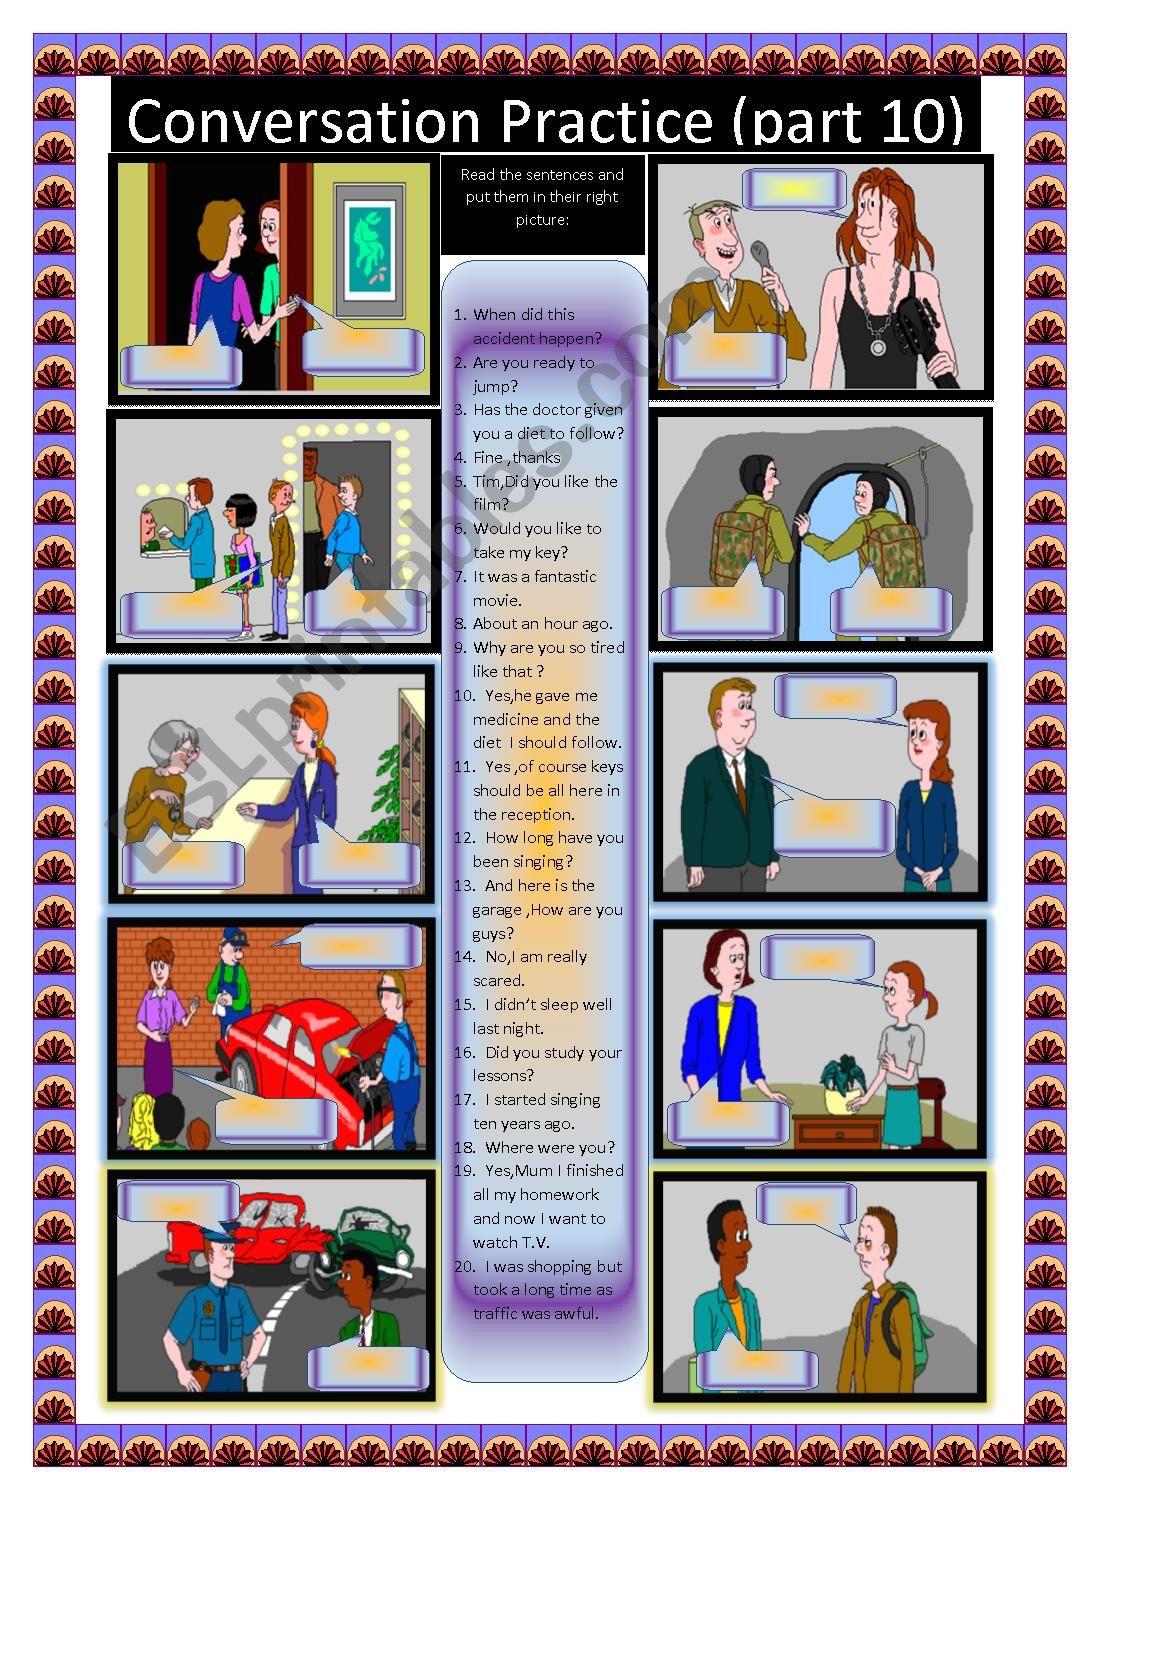 Conversation Practice Part 10